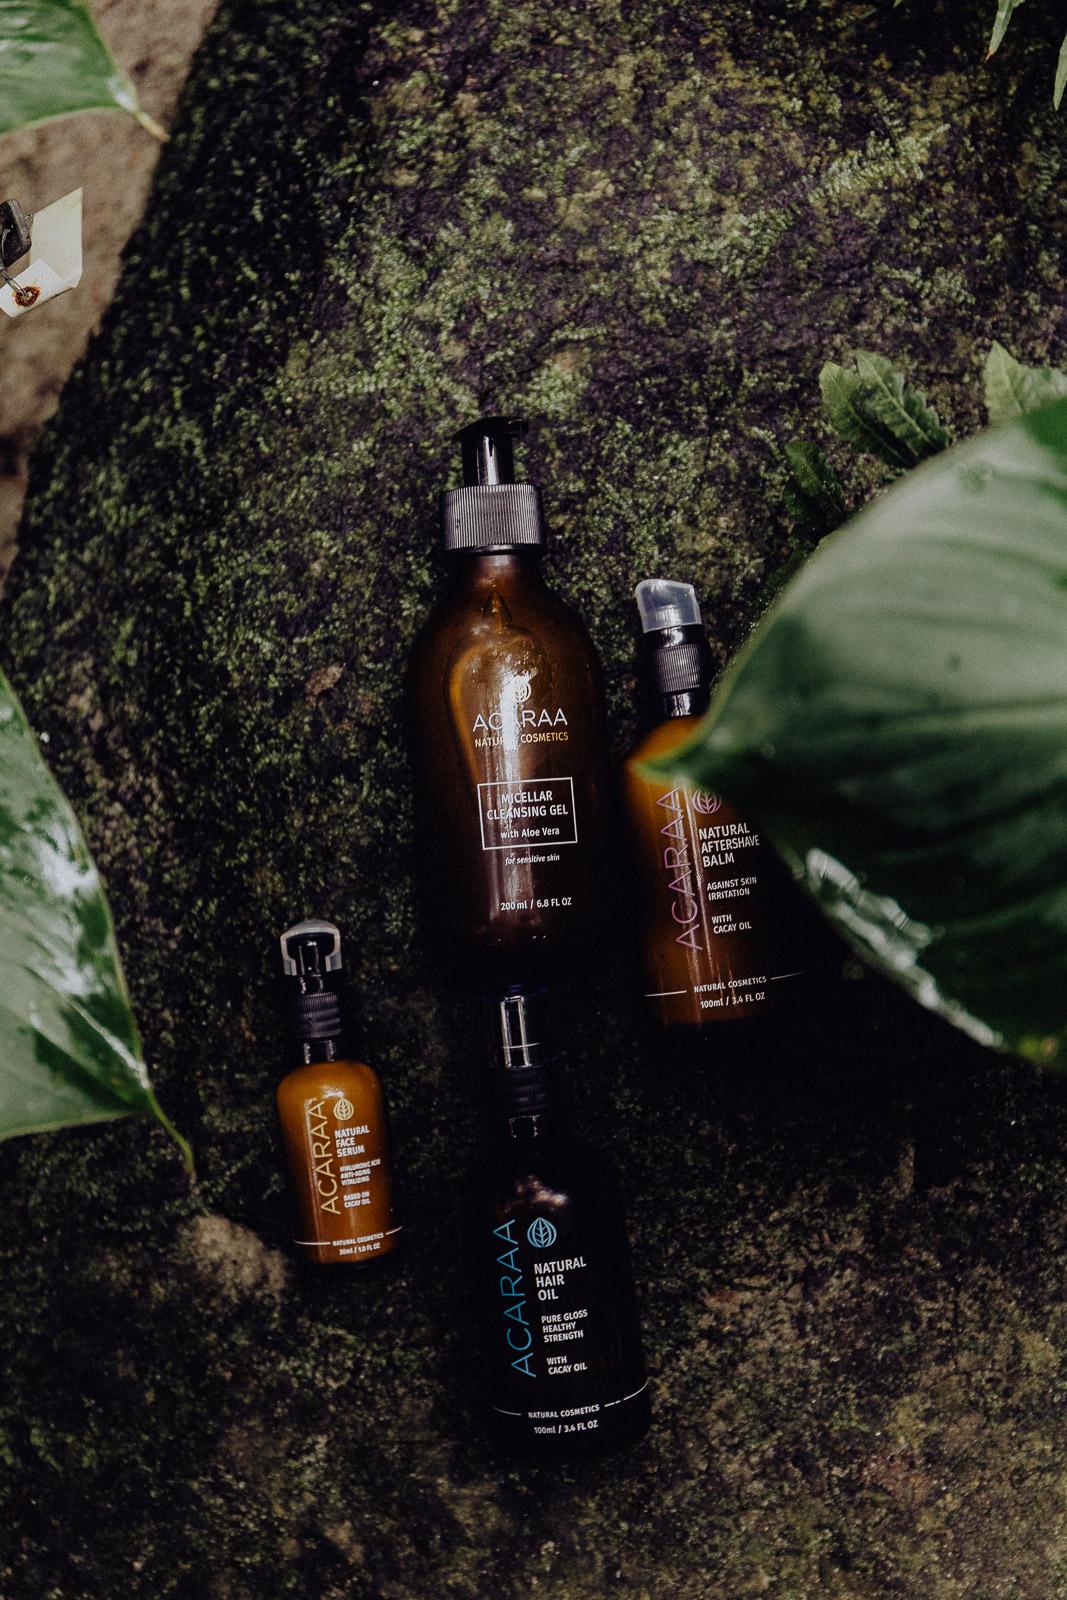 naturkosmetik, acaraa, natürlich pflege für die haut, natürliche Hautpflege, Naturkosmetik vegan, Naturkosmetik marken, Naturkosmetik labels, Damen Naturkosmetik, Naturkosmetik shop, vegane Kosmetik, kosmetik ohne Tierversuche